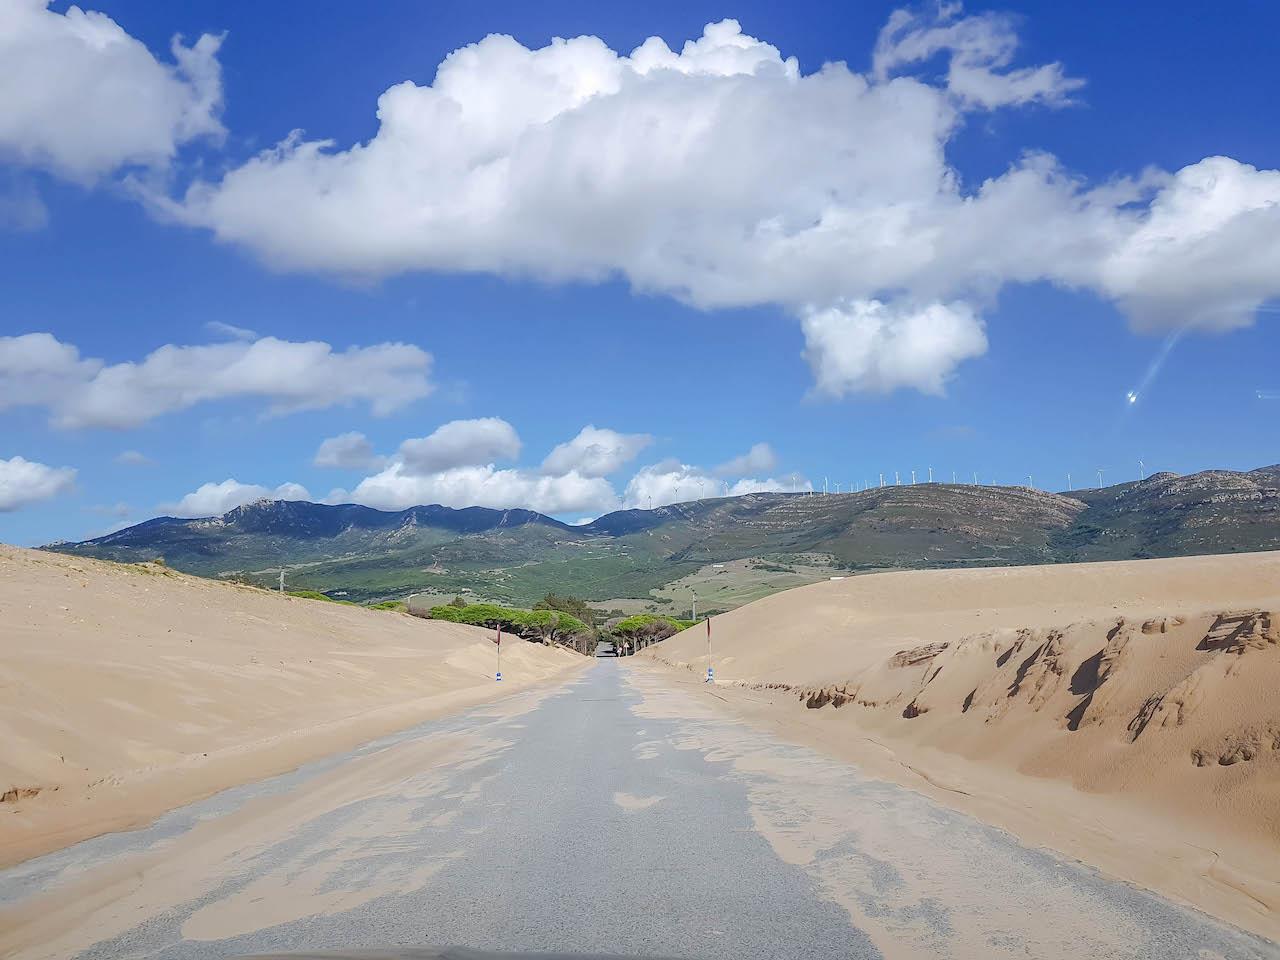 Wir fahren mitten durch die Sanddünen!